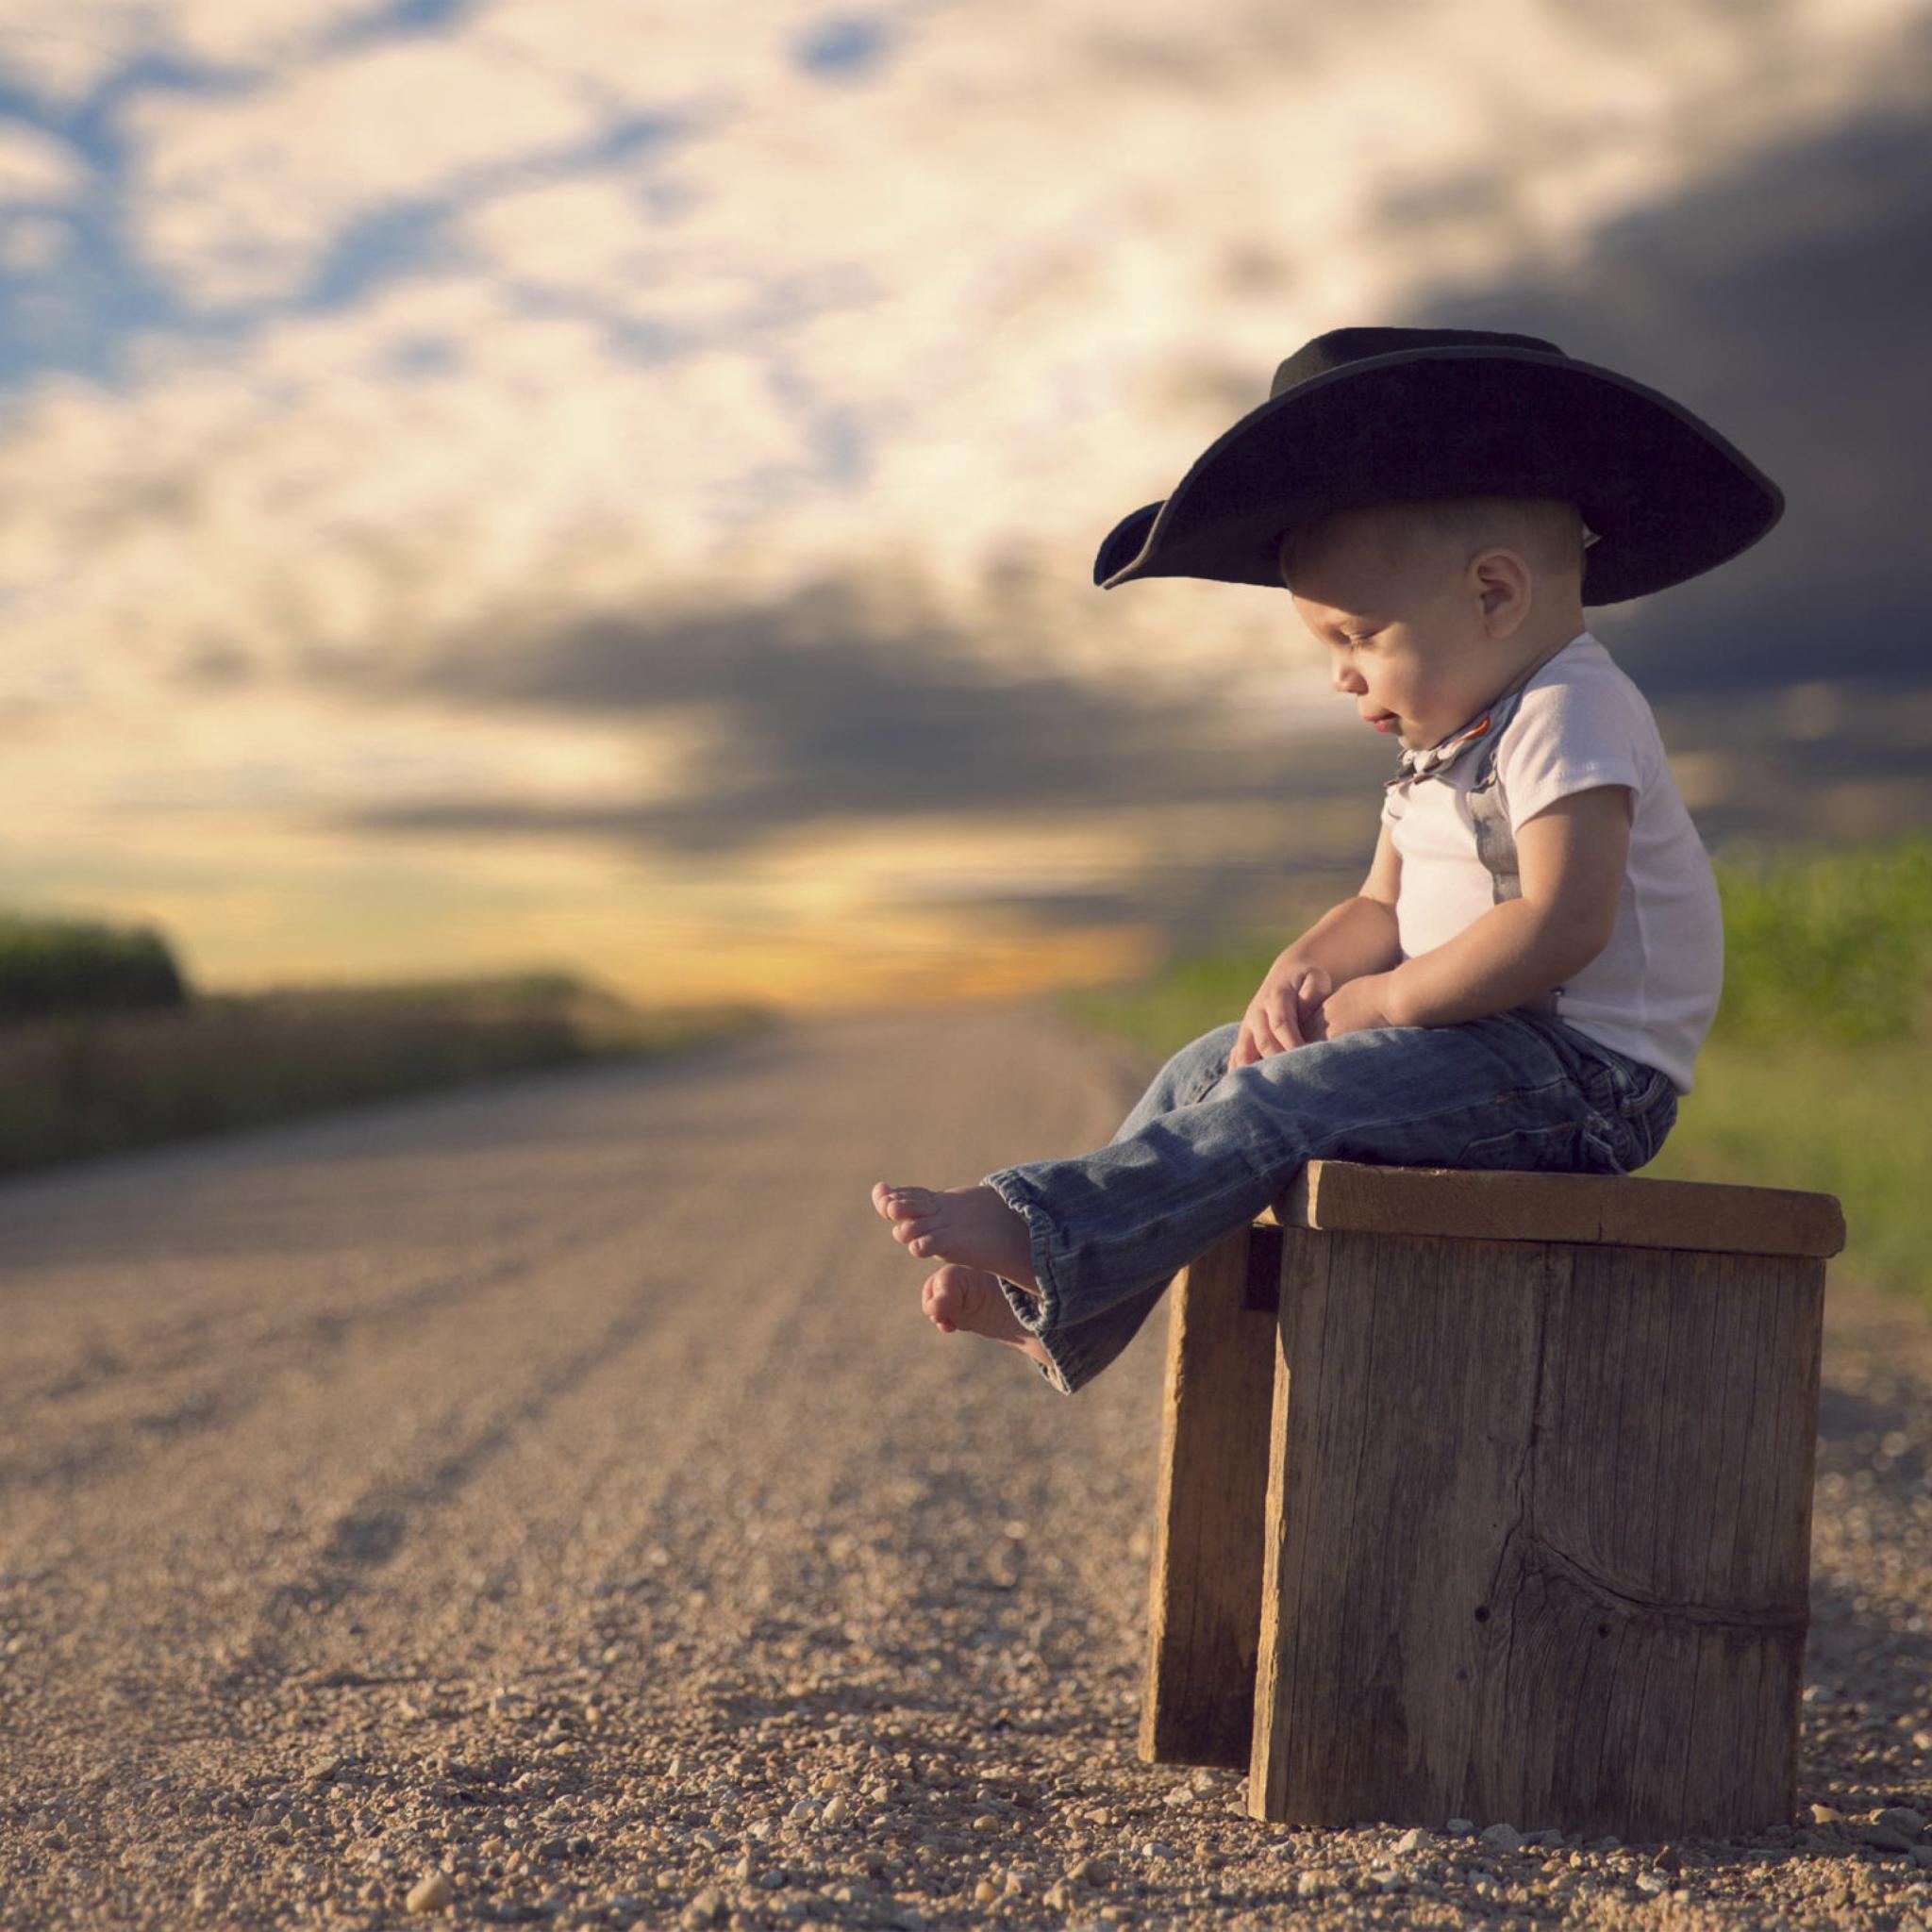 мальчик, ковбой, шляпа, джинсы без смс